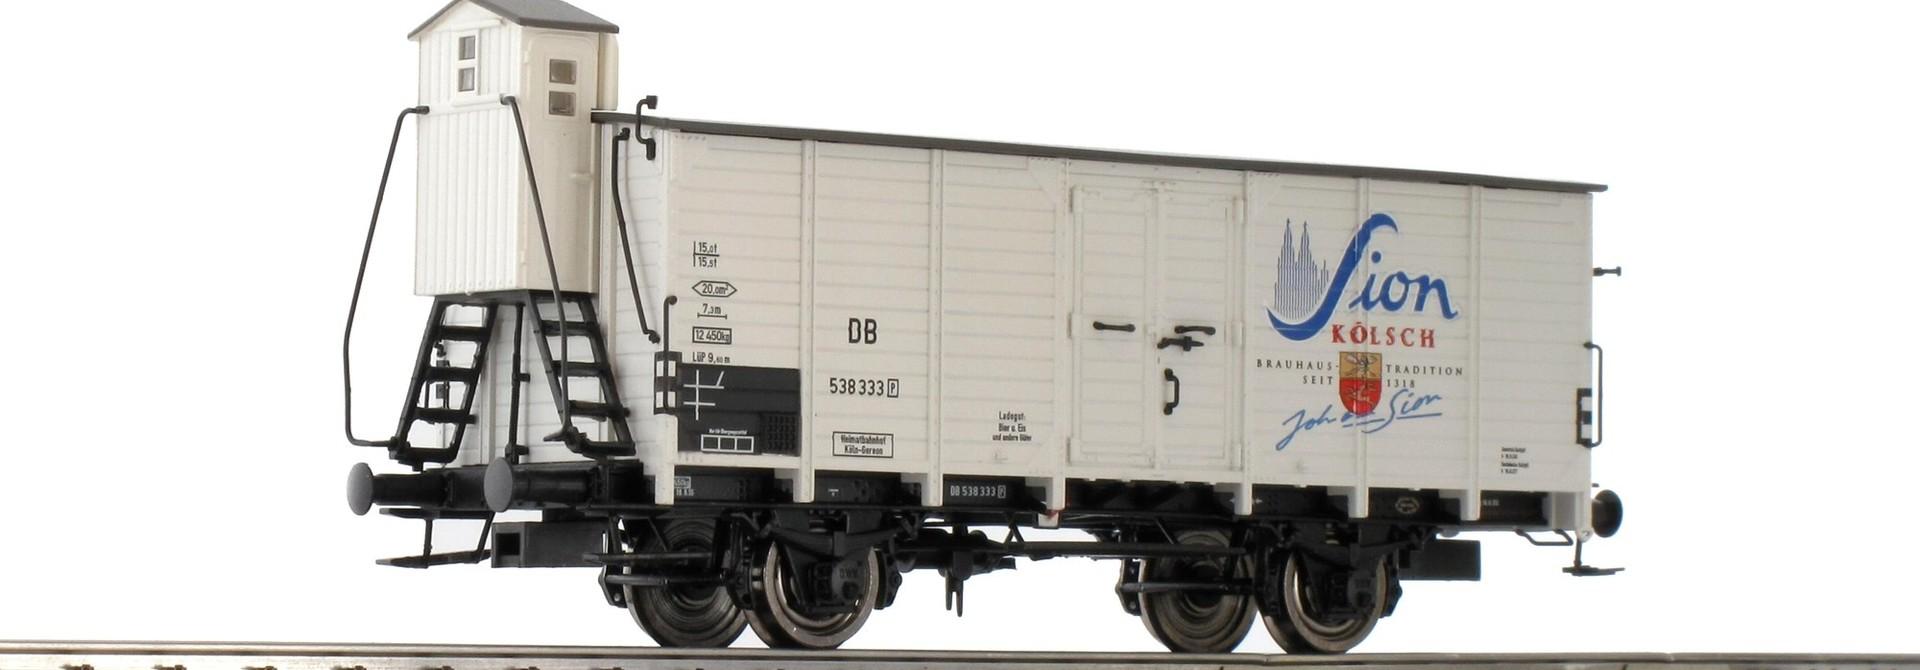 49039 Bierwagen G10 Kolsch